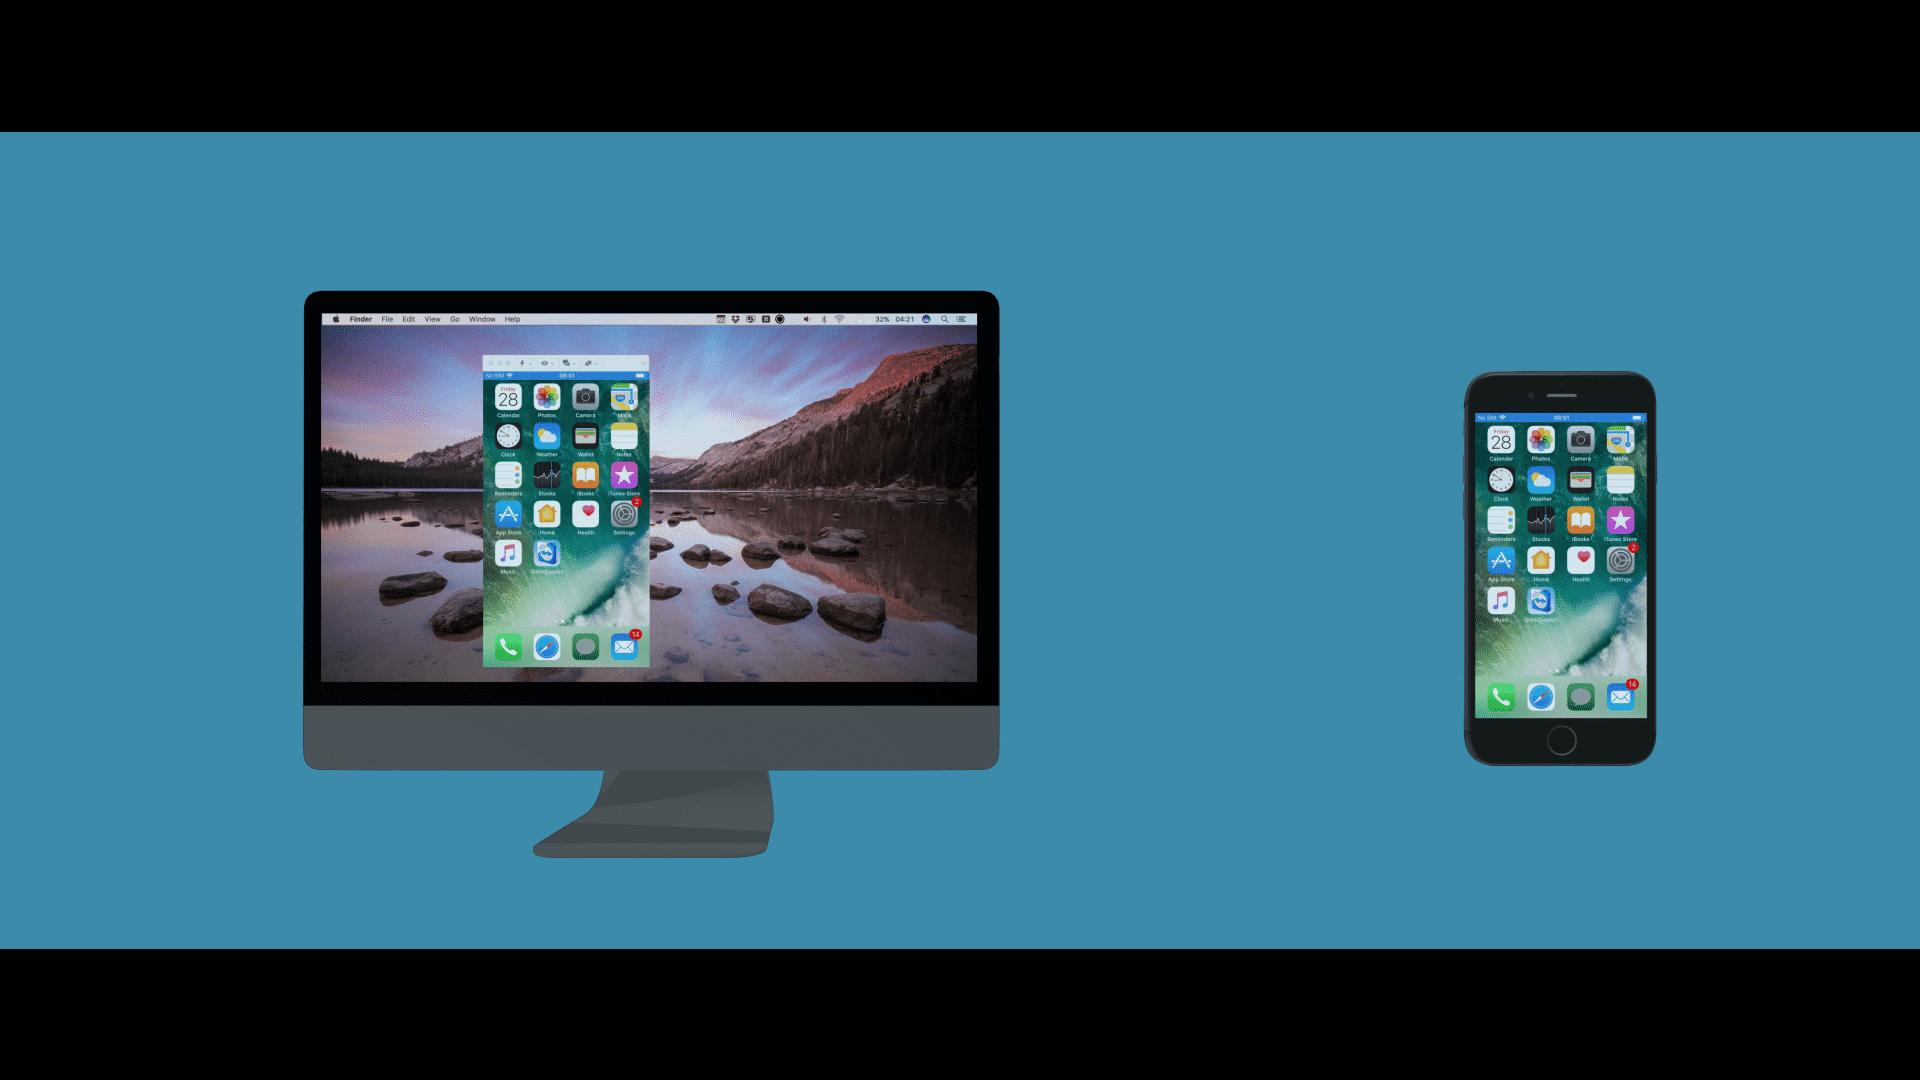 In der neuen Version landet der iOS-Bildschirm auf Rechner oder Mac.